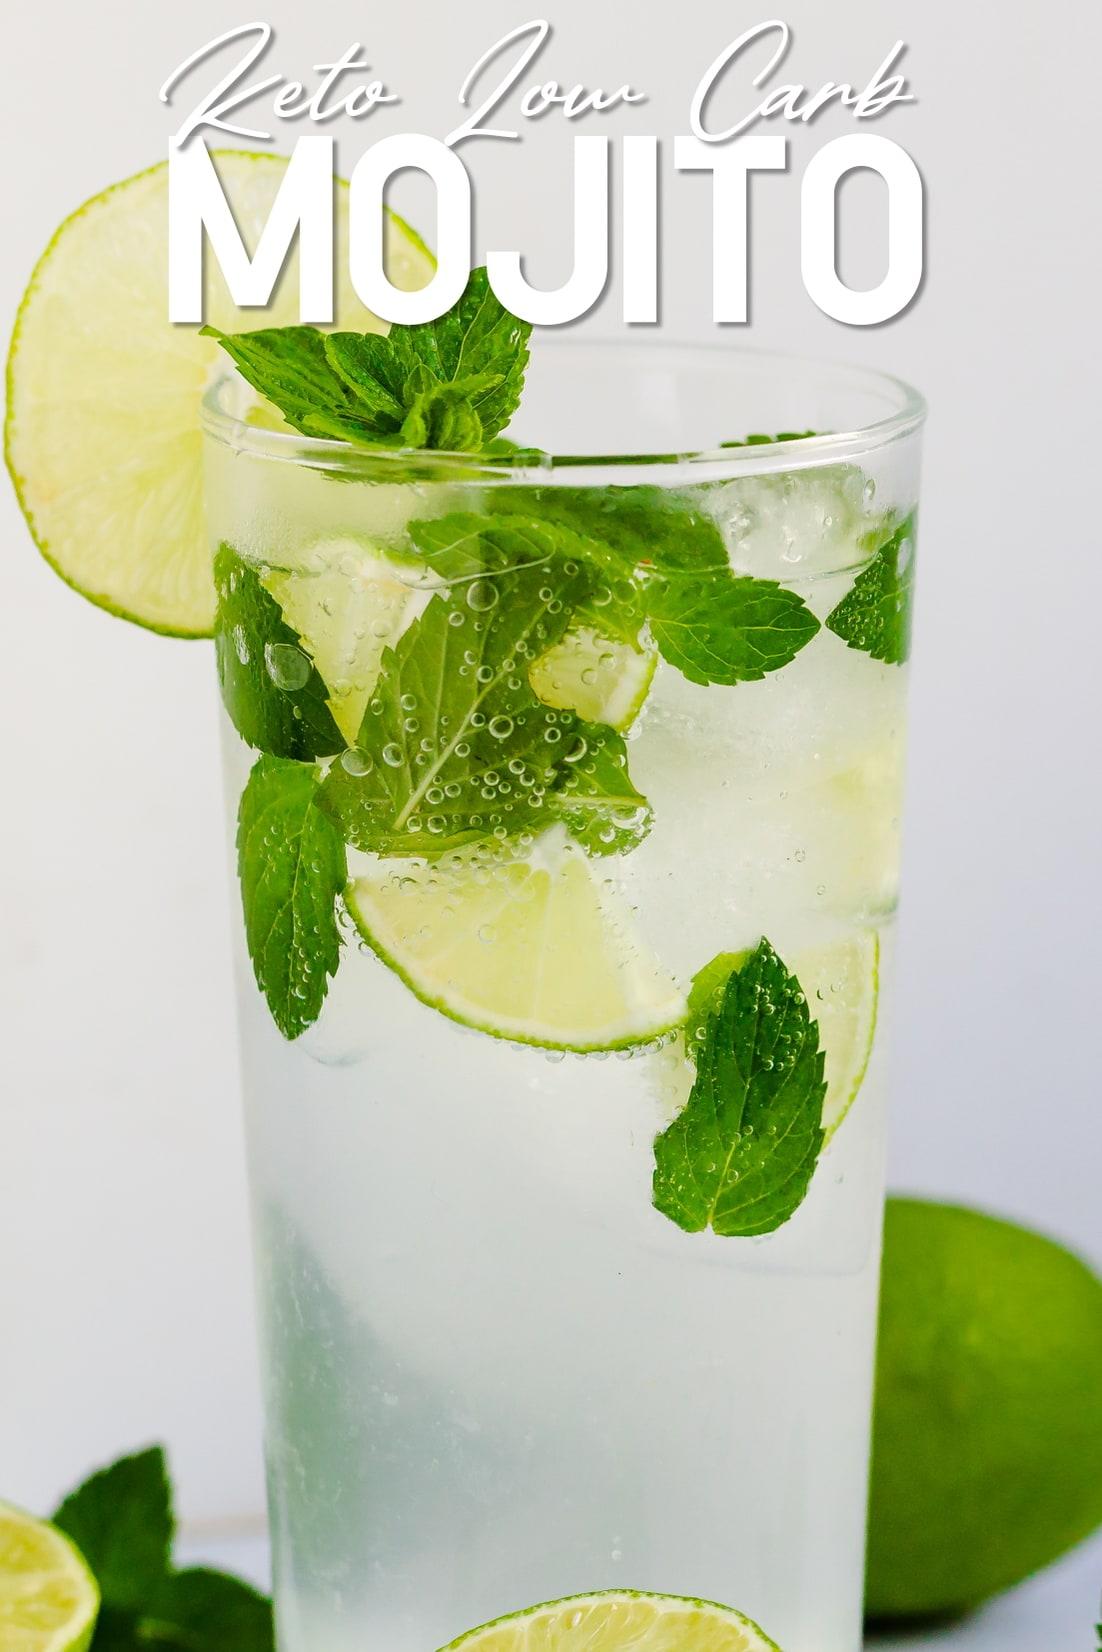 Keto Mojito poured in a glass tumbler